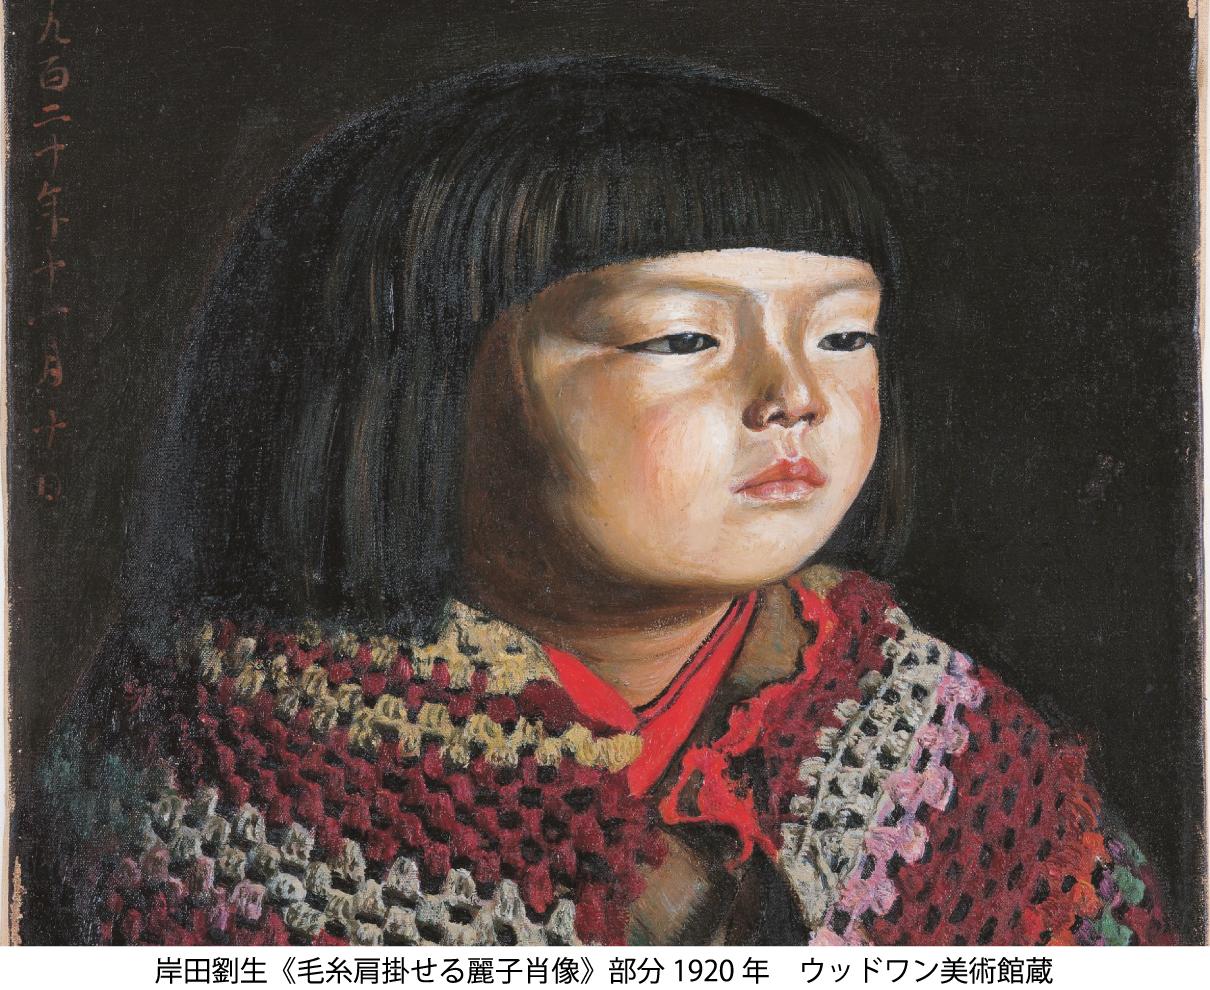 【~5/30】教科書でお馴染み! 近現代の名品が集う美術展開催|福井県立美術館